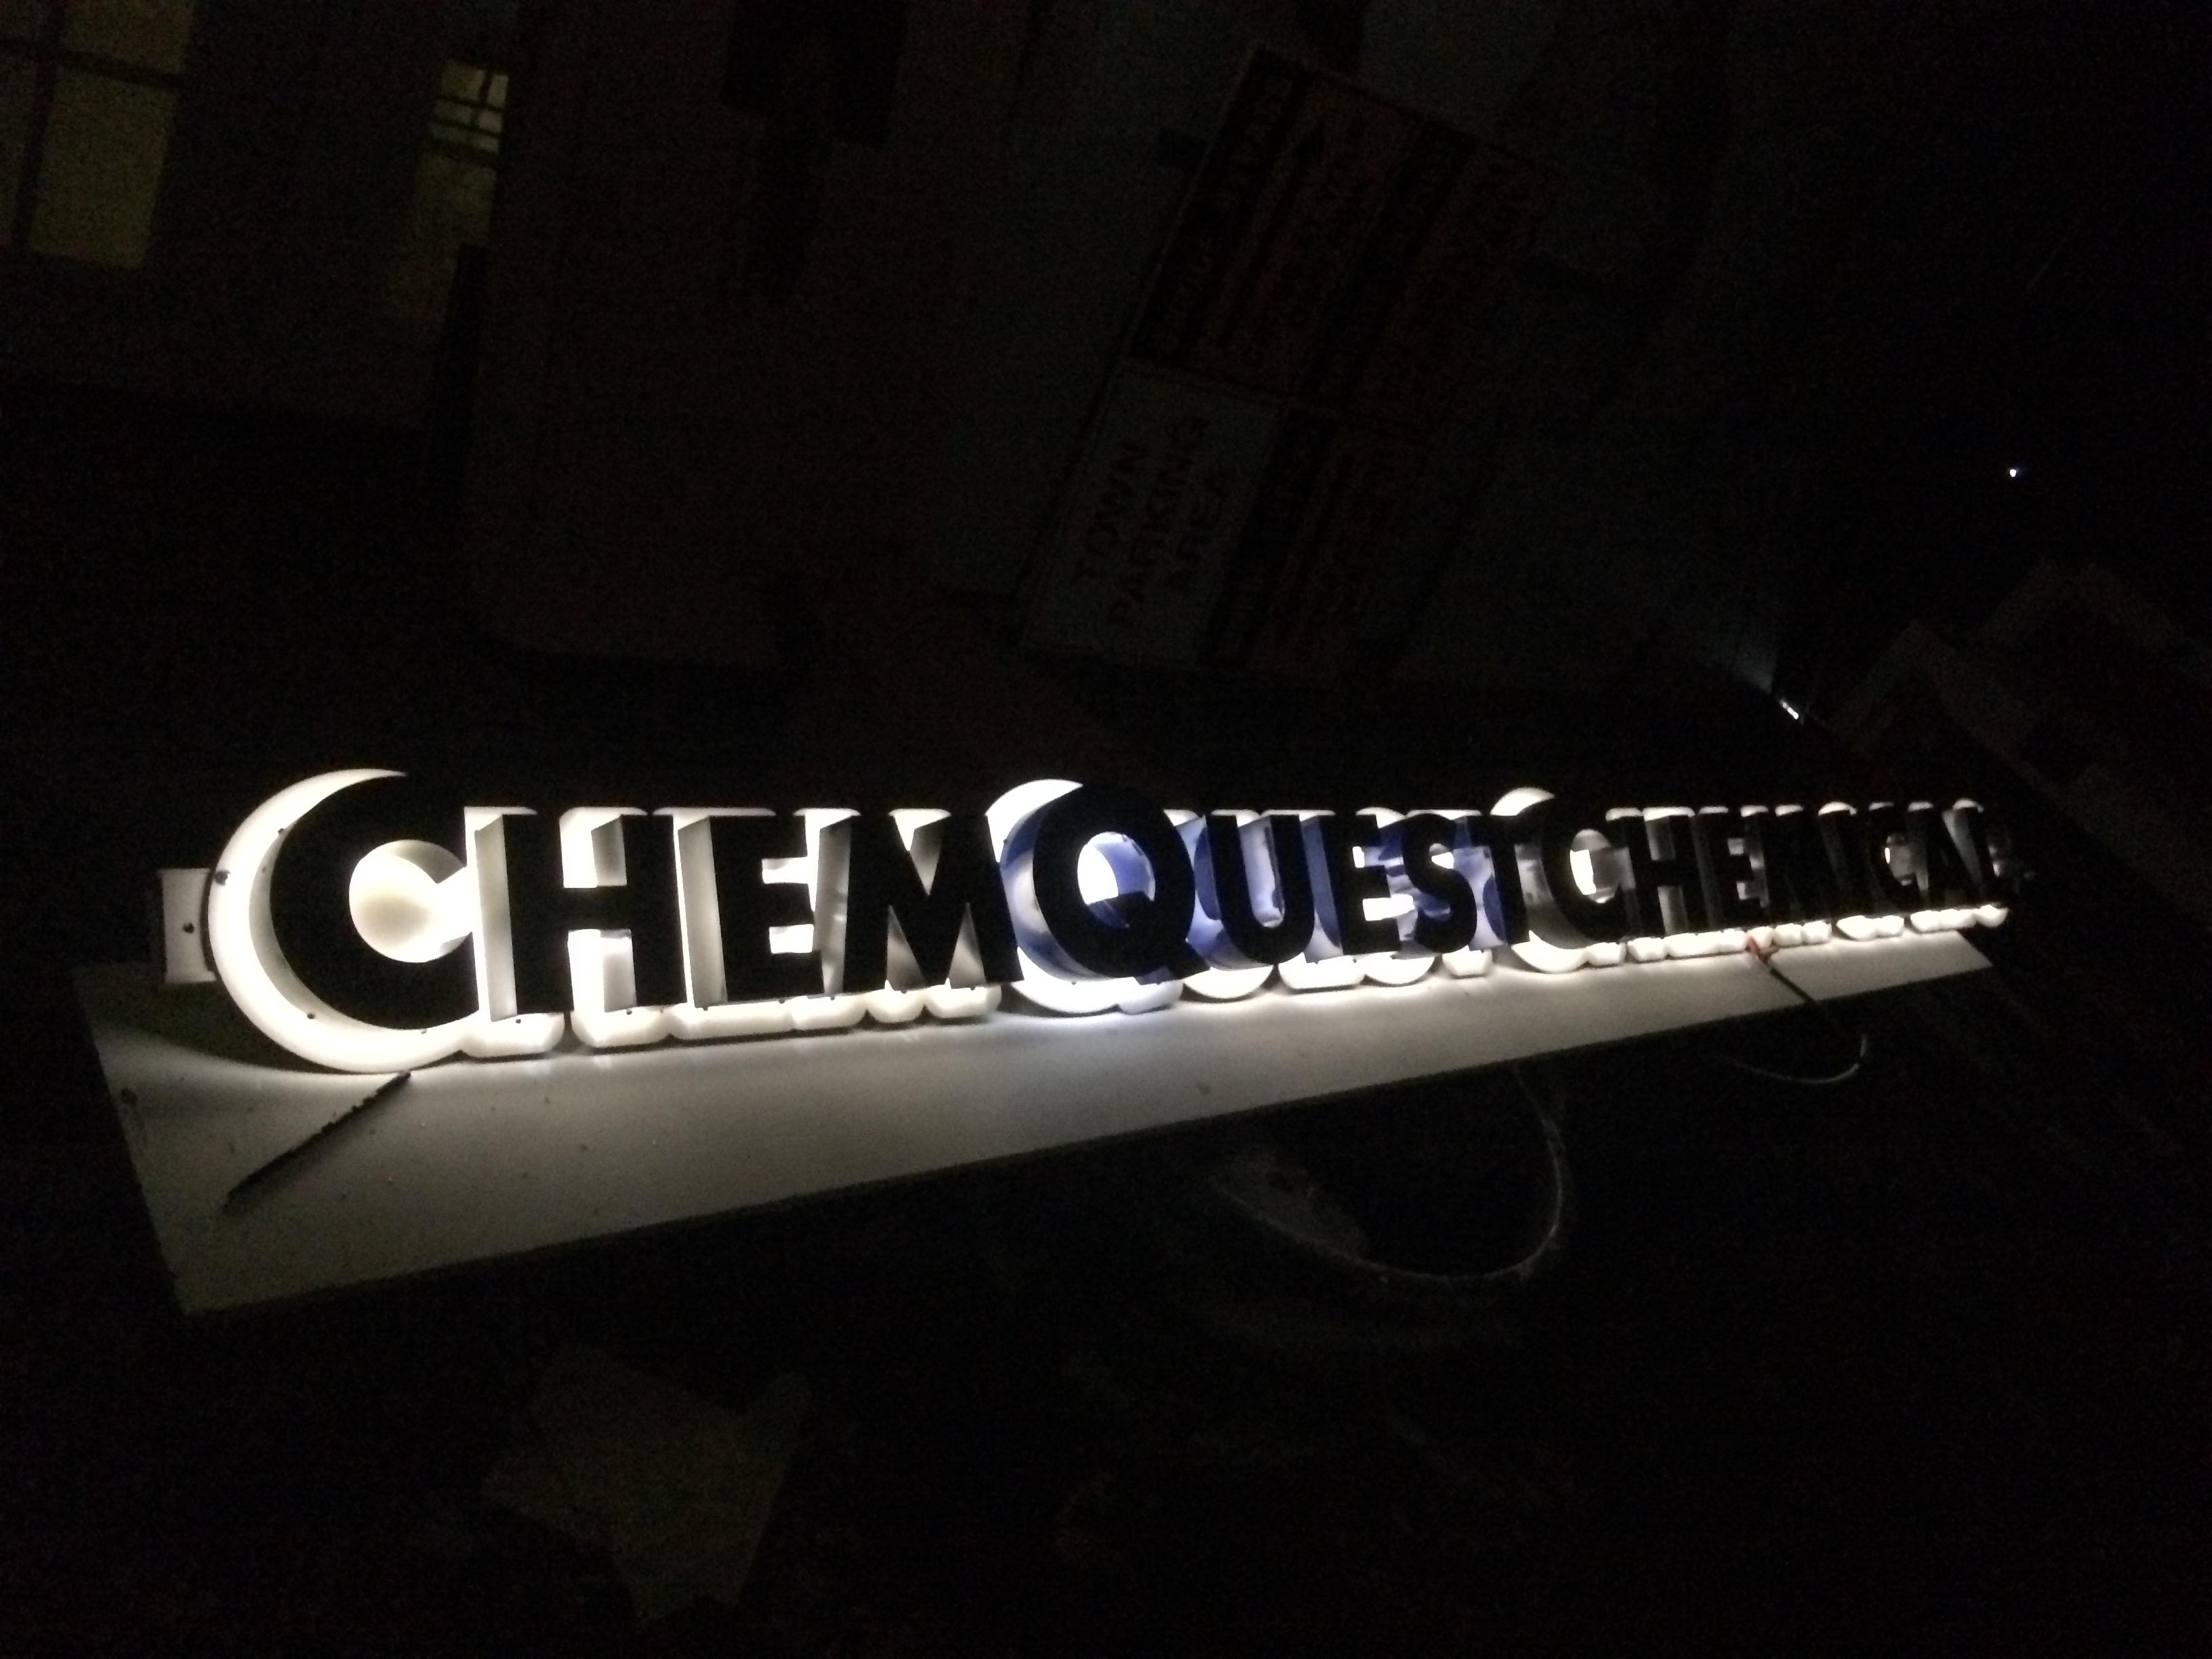 ChemQuest